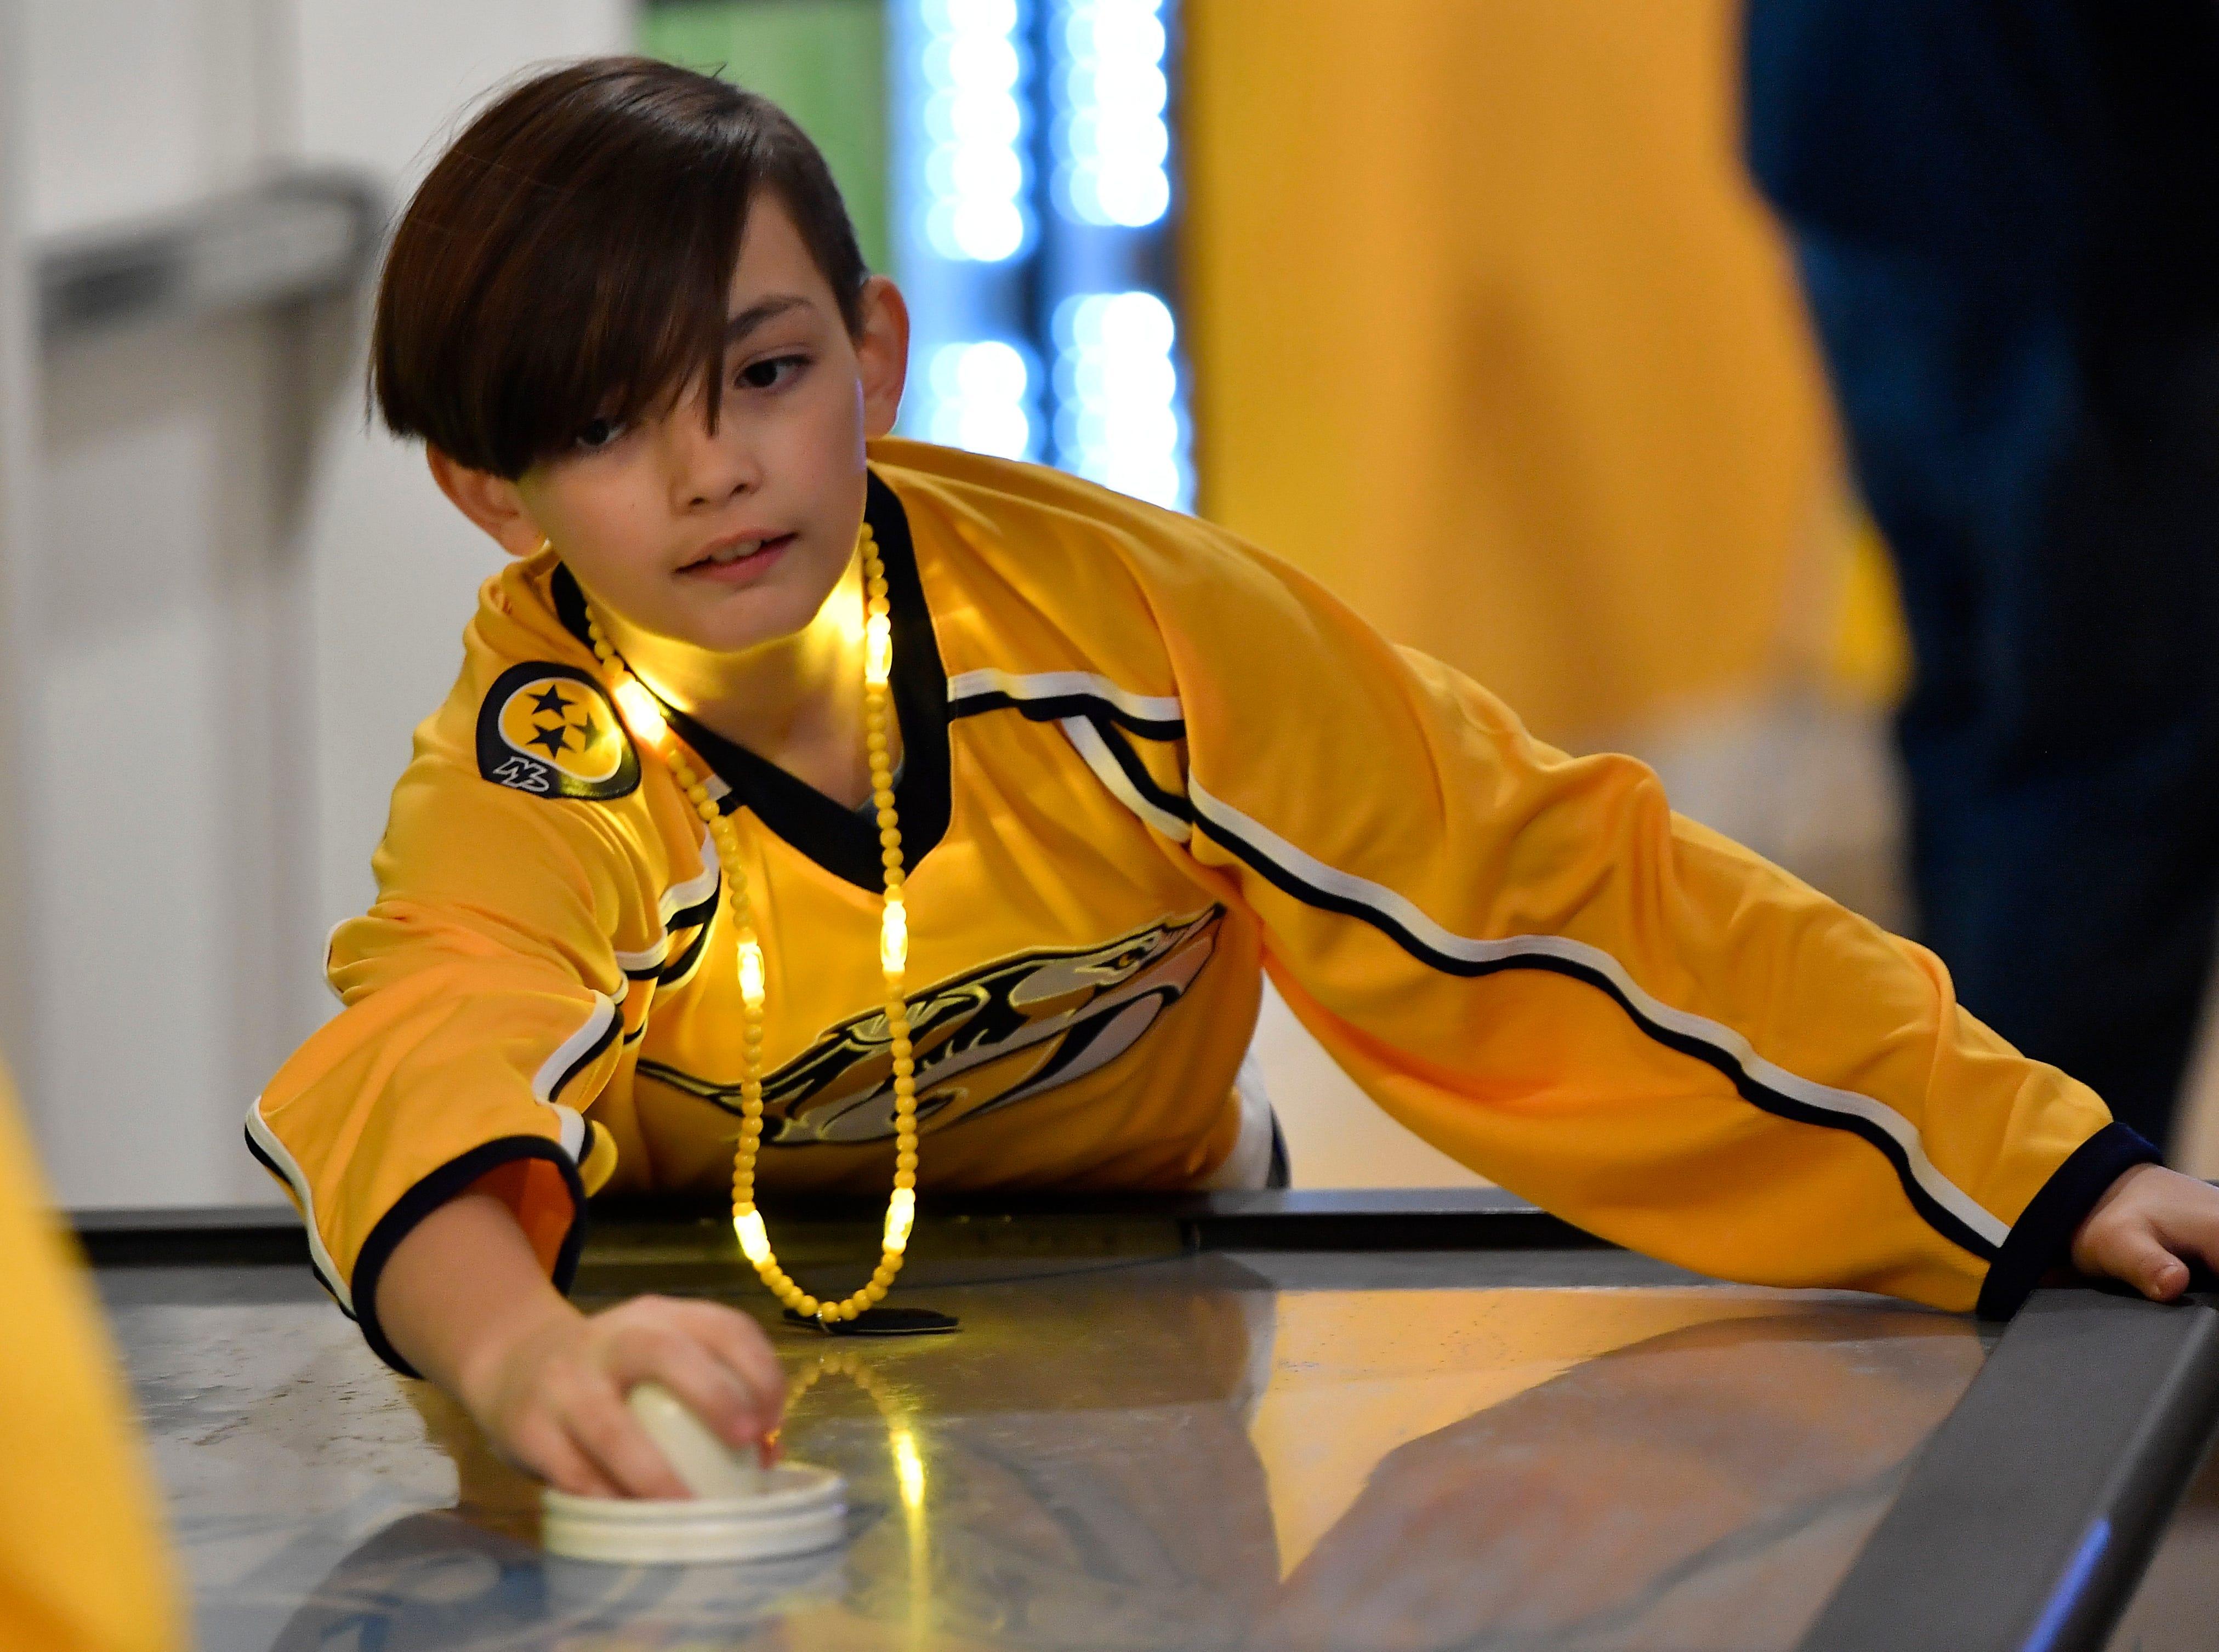 Hayden Brown, 11, plays air hockey before the start of the Predators' divisional semifinal game against Dallas at Bridgestone Arena in Nashville, Tenn., Saturday, April 13, 2019.